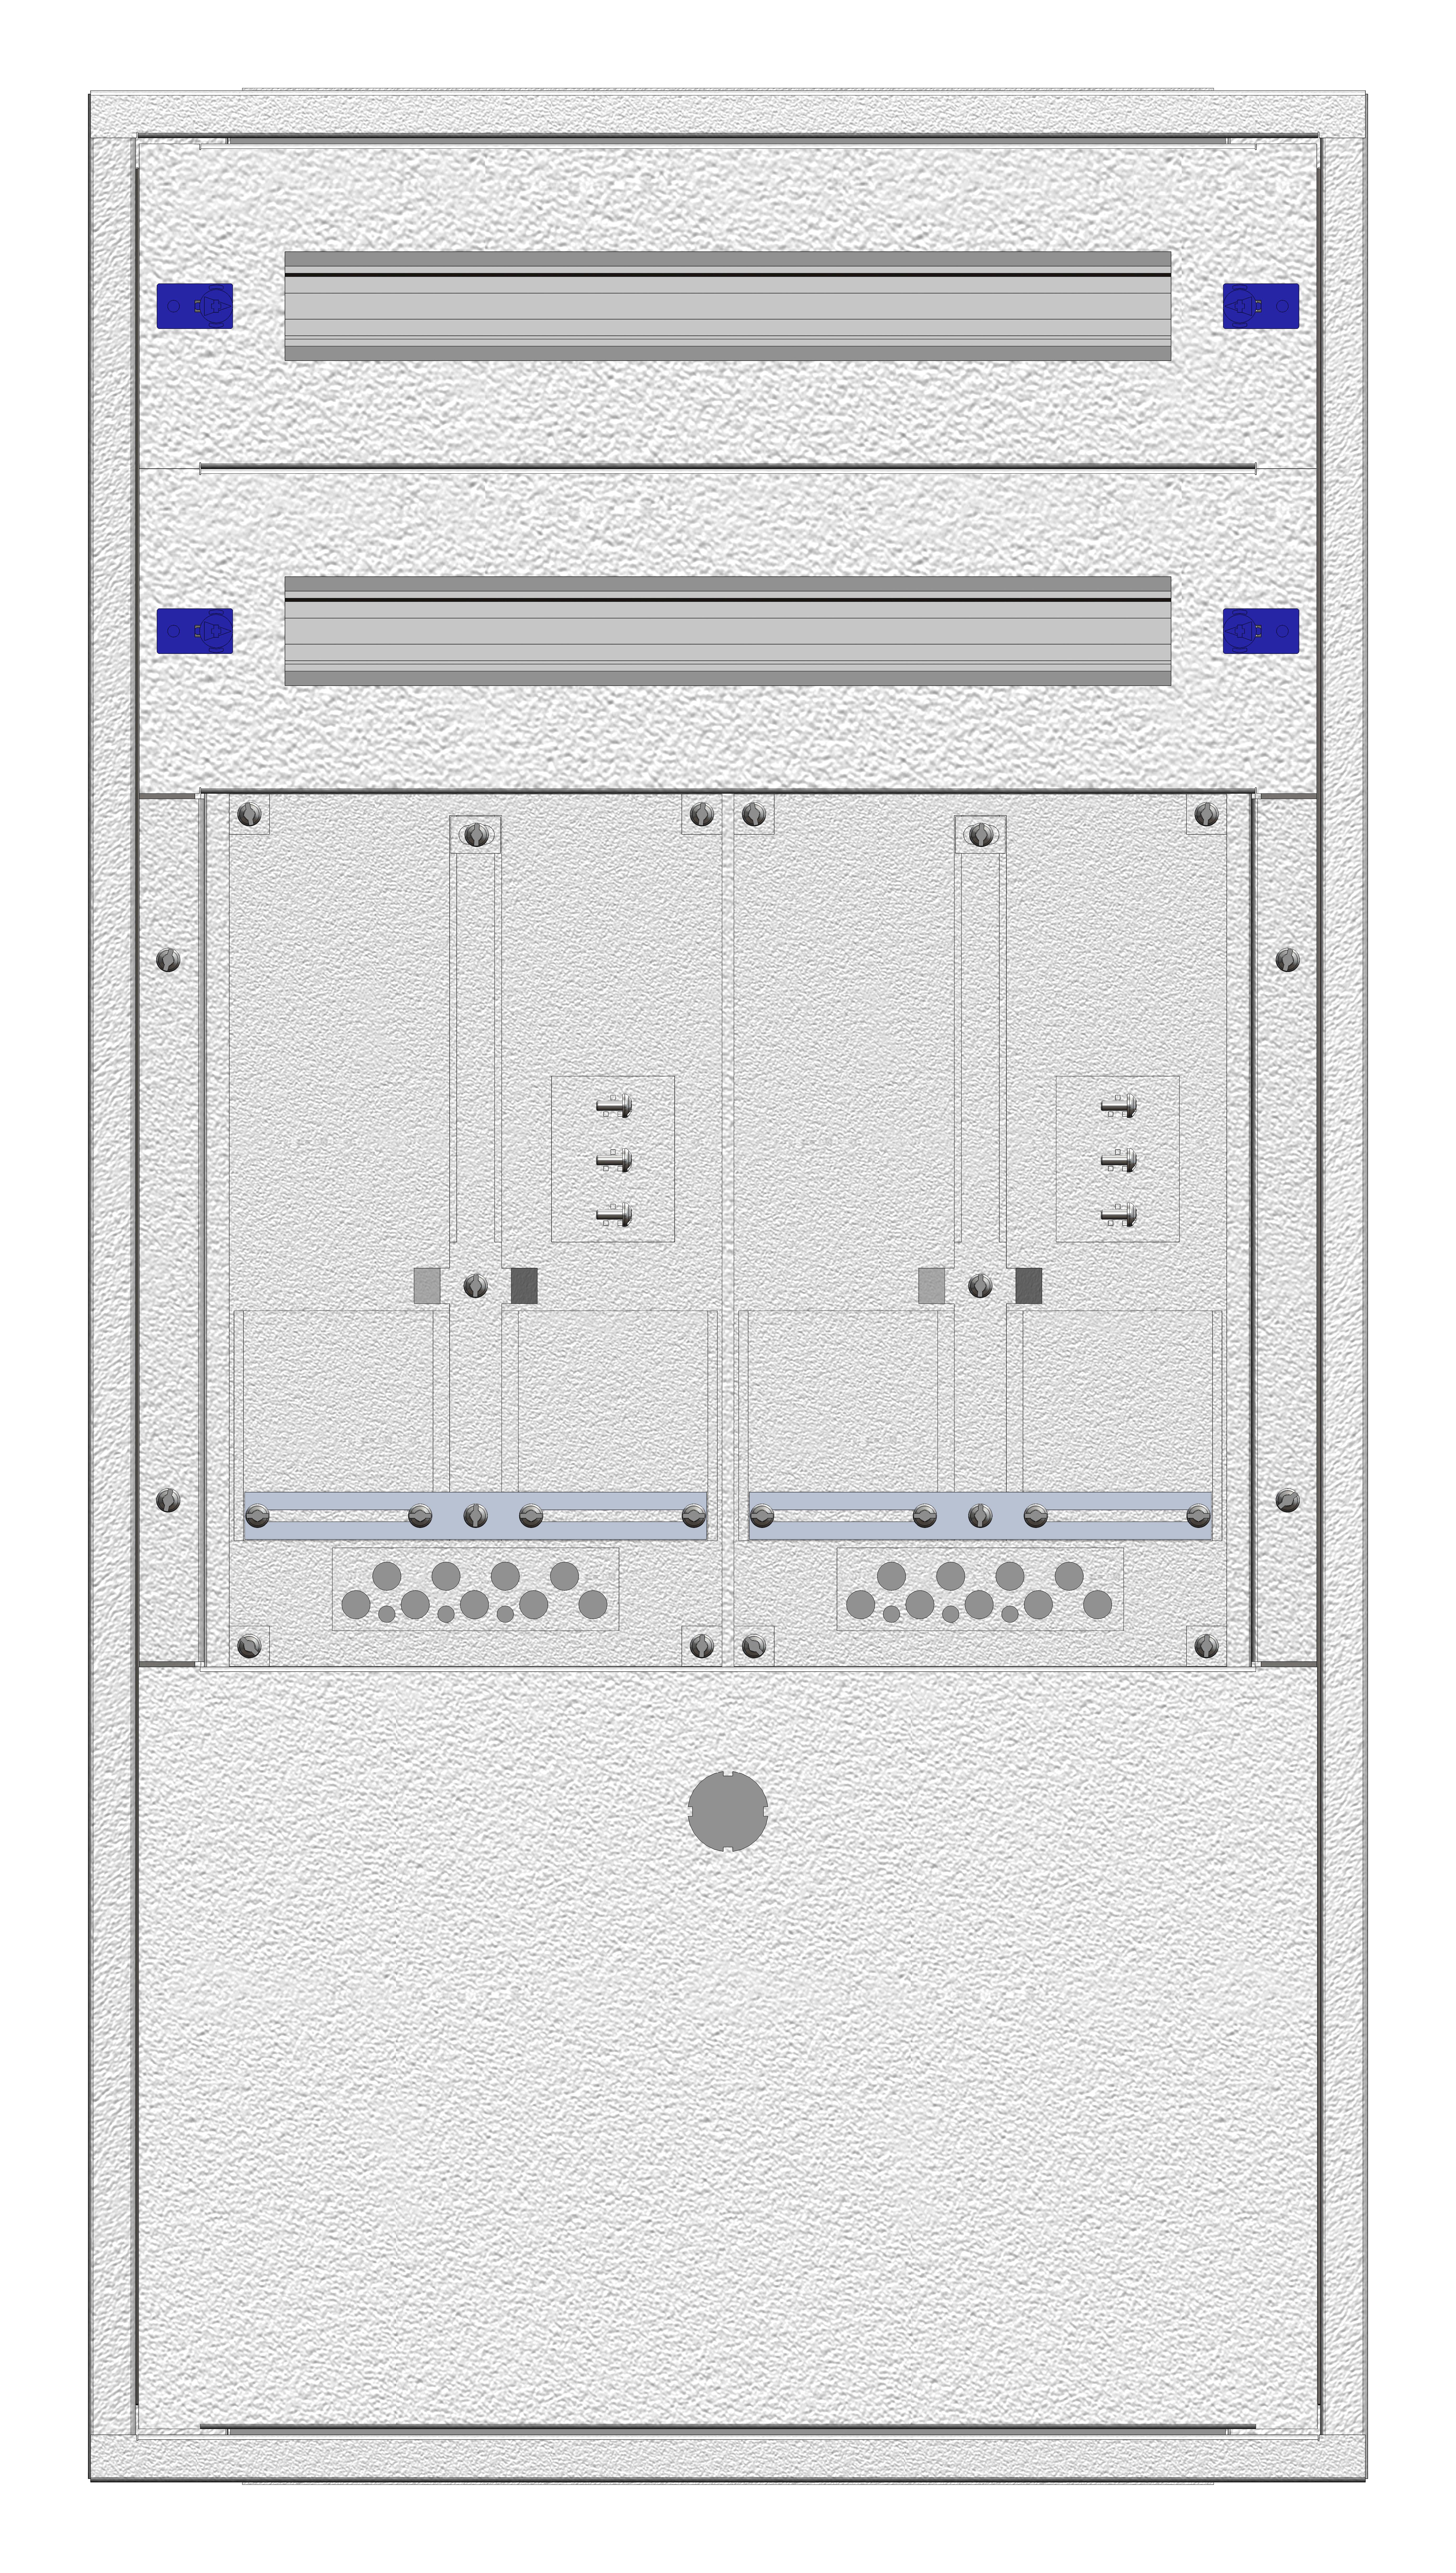 1 Stk Aufputz-Zählerverteiler 2A-21E/BGLD 2ZP, H1055B590T250mm IL160221BS